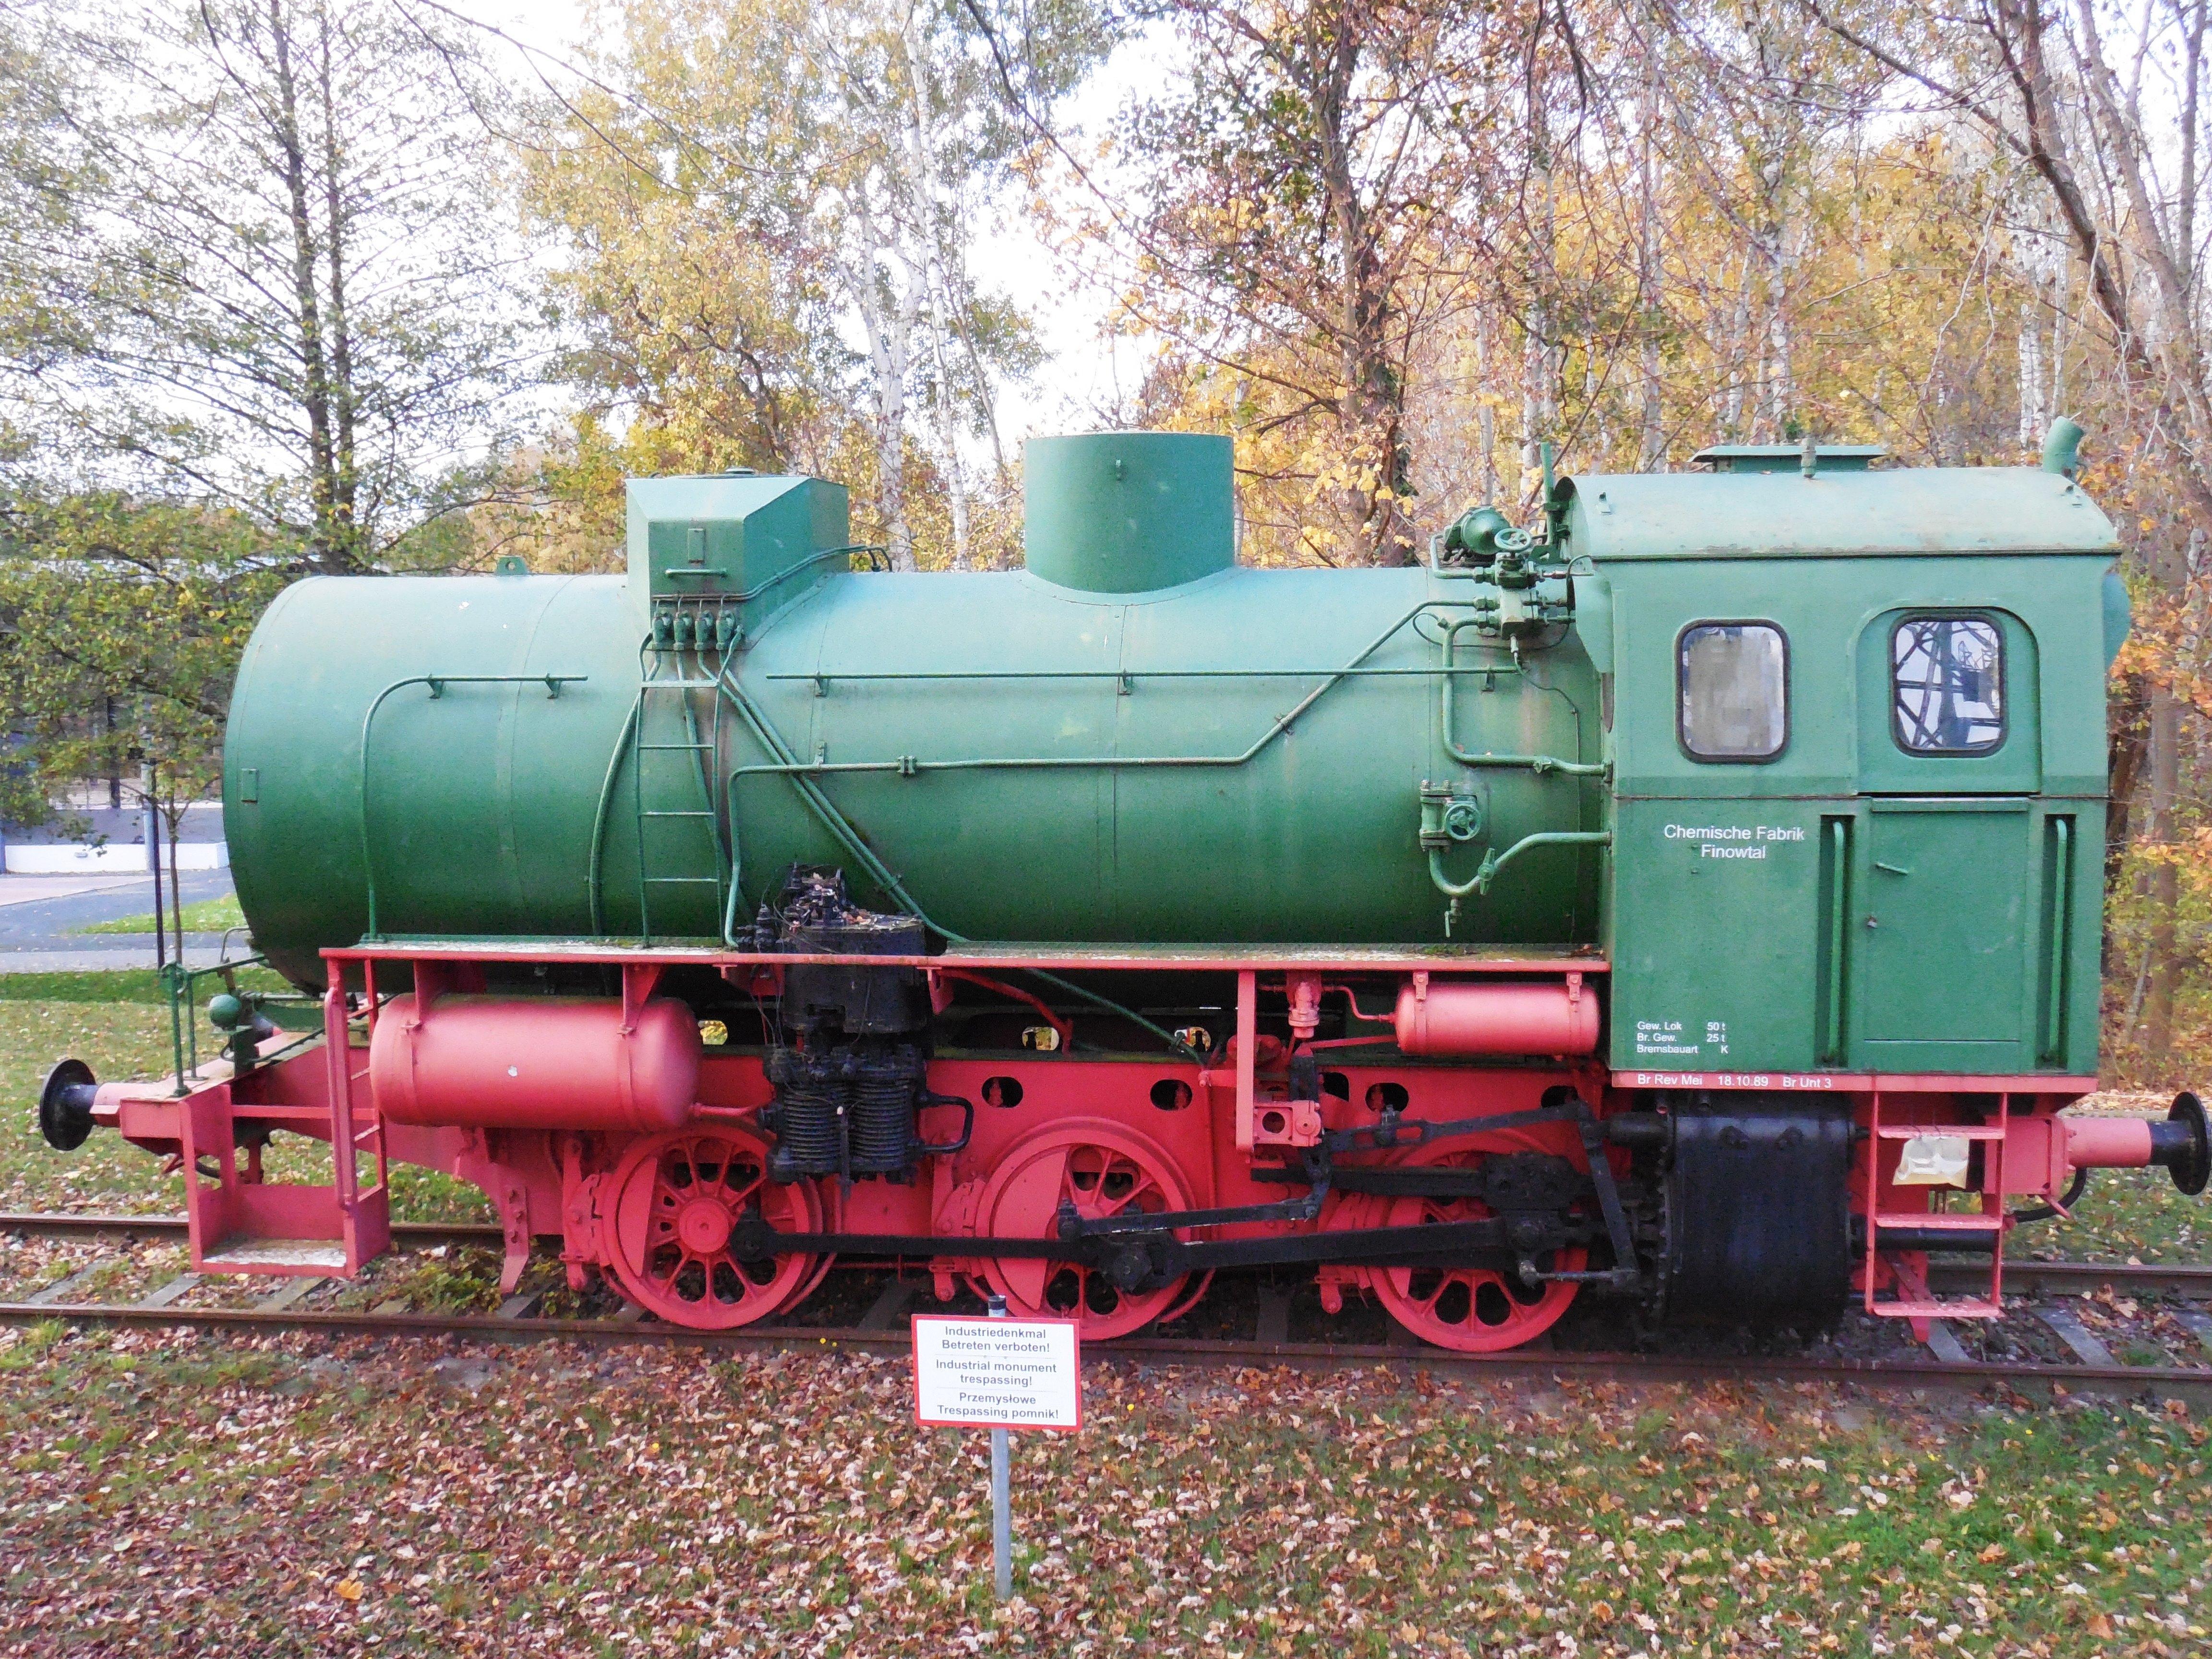 Dampfspeicherlok Eberswalde Familiengarten